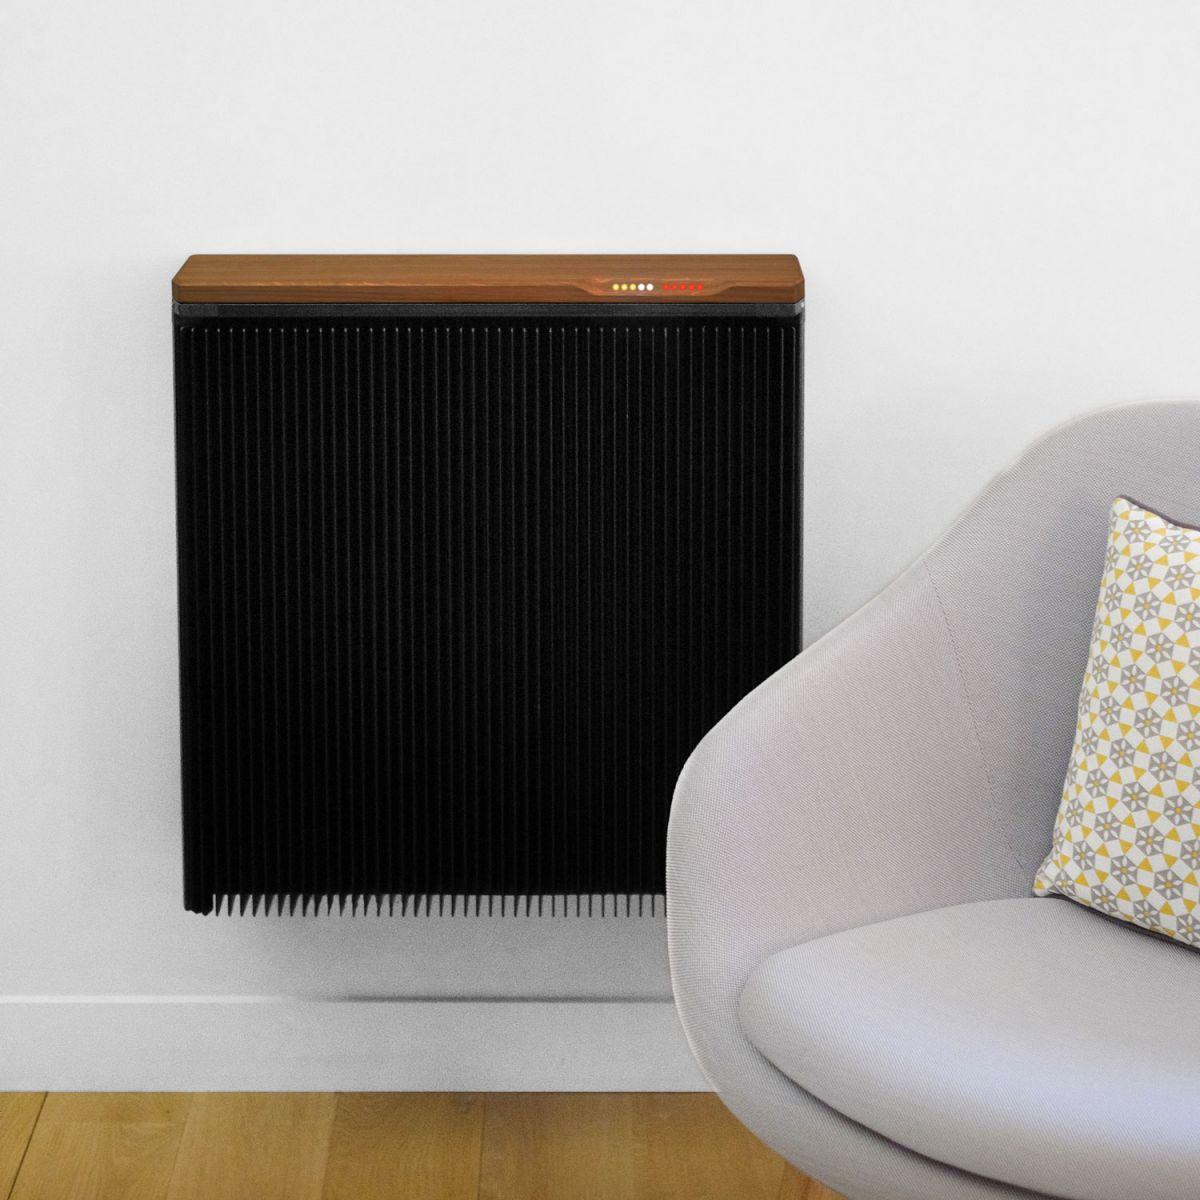 Crypto heater